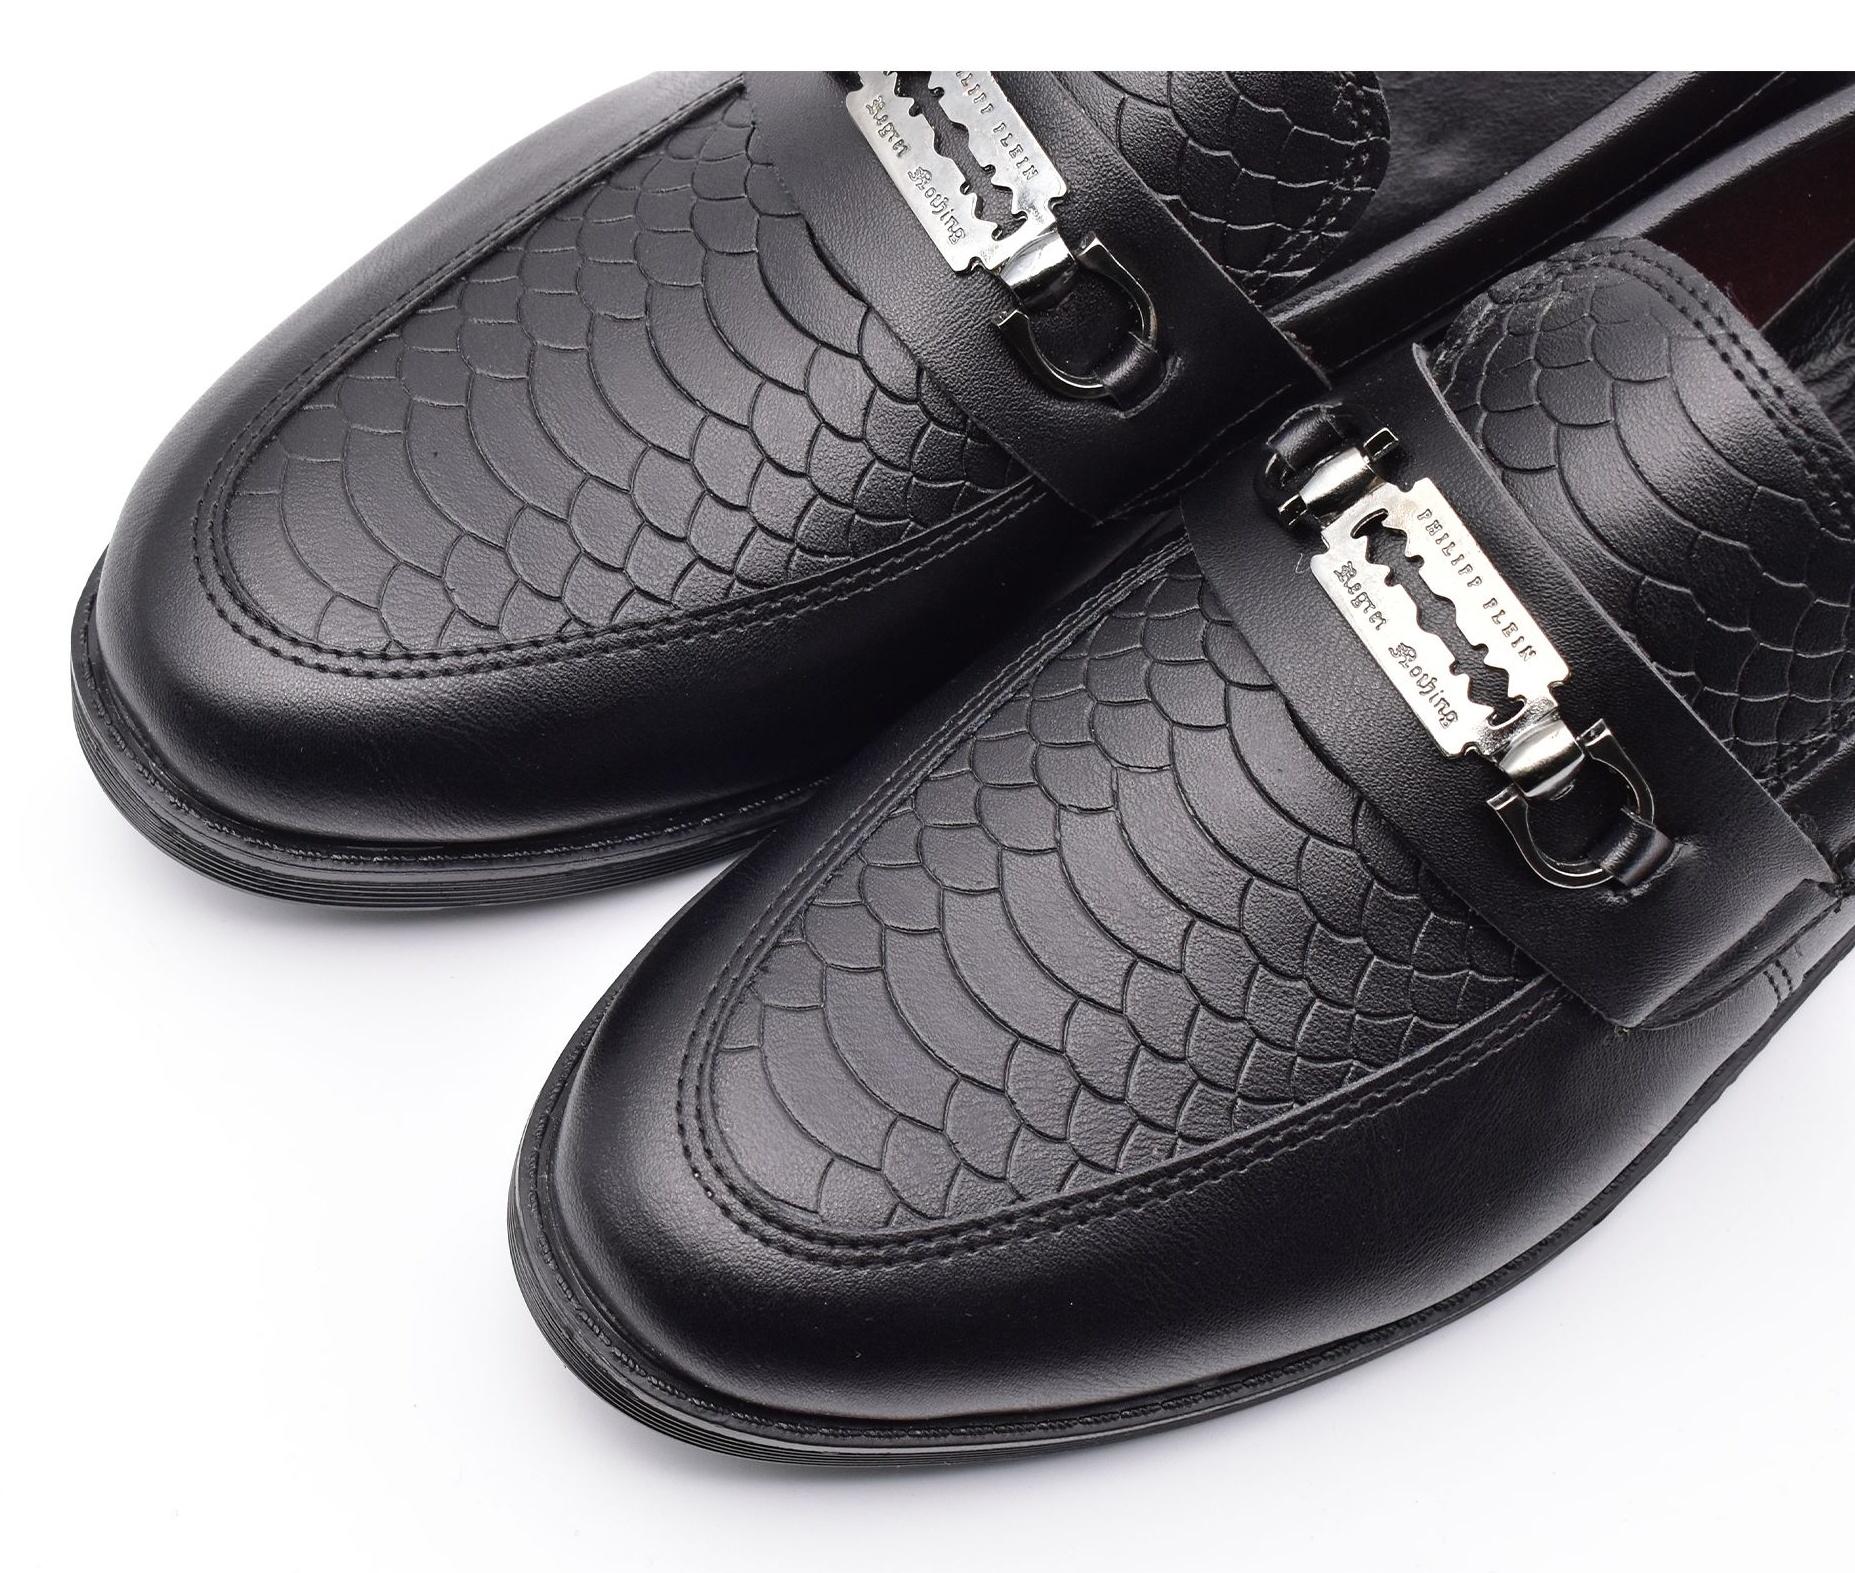 قیمت خرید کفش مردانه مدل برلوت کد 5611 اورجینال